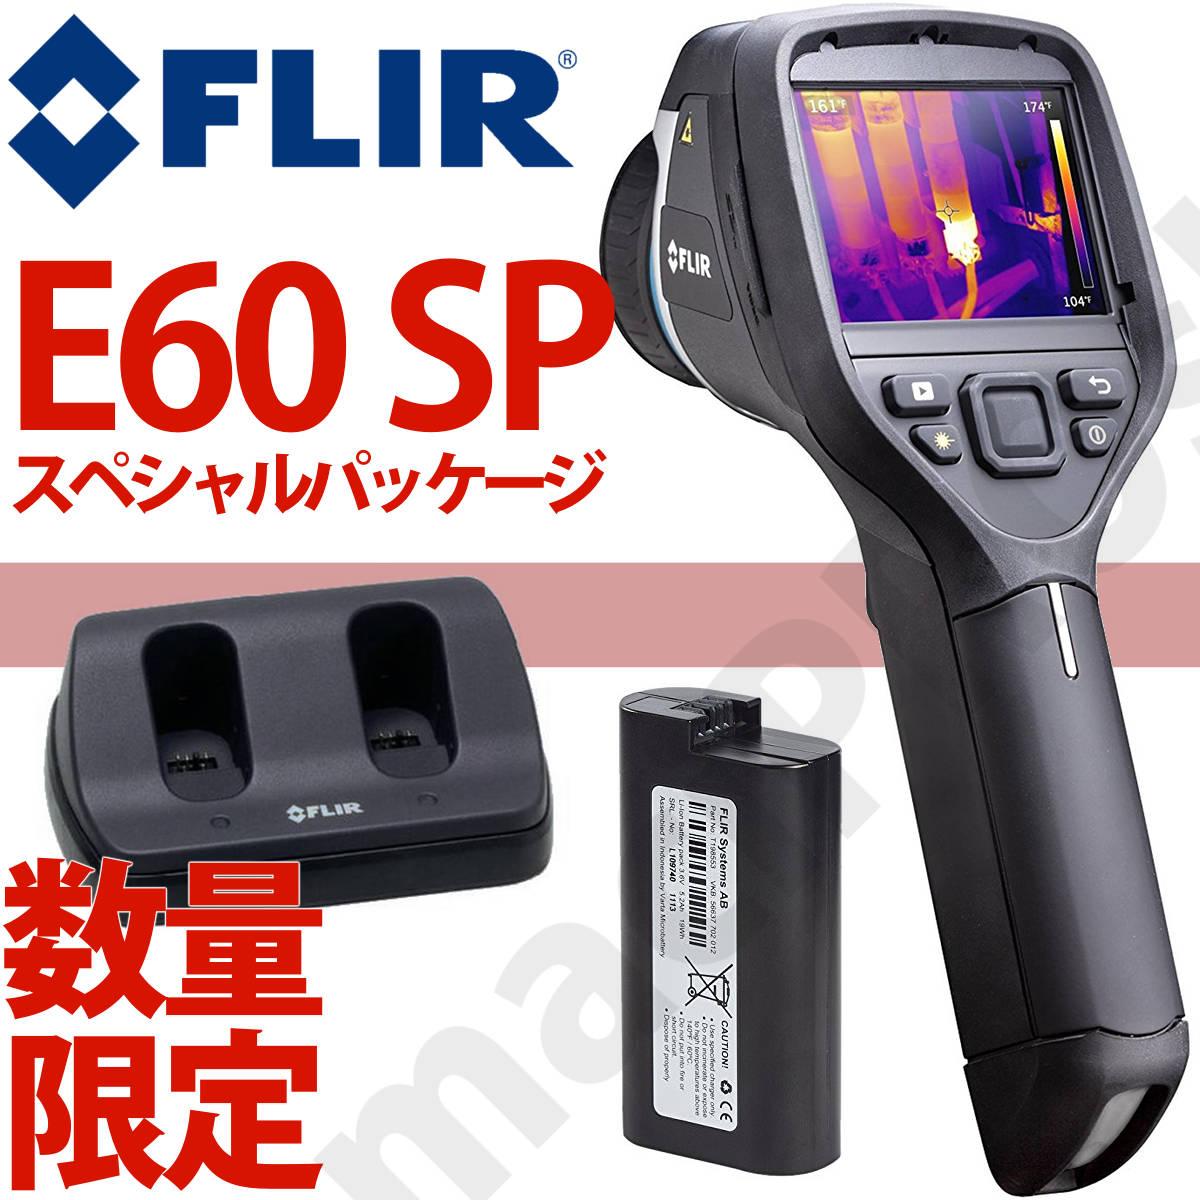 福袋 FLIR フリアー E60 特典付スペシャルパッケージ 補助バッテリー付 .. サーモグラフィ 赤外線サーモグラフィー 赤外線カメラ サーモカメラ